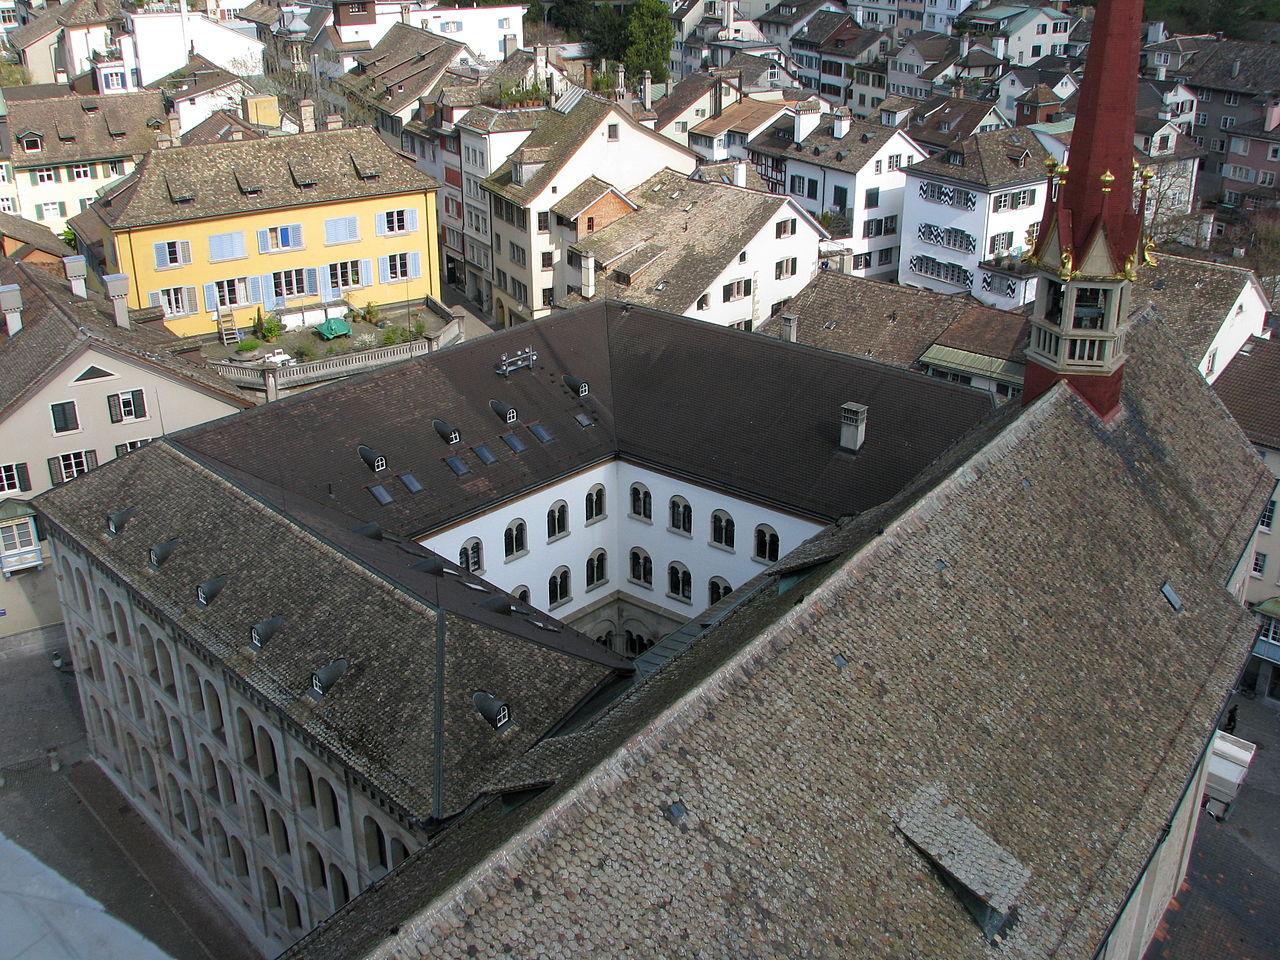 โบสถ์กรอสส์มึนซเตอร์-มุมสูง